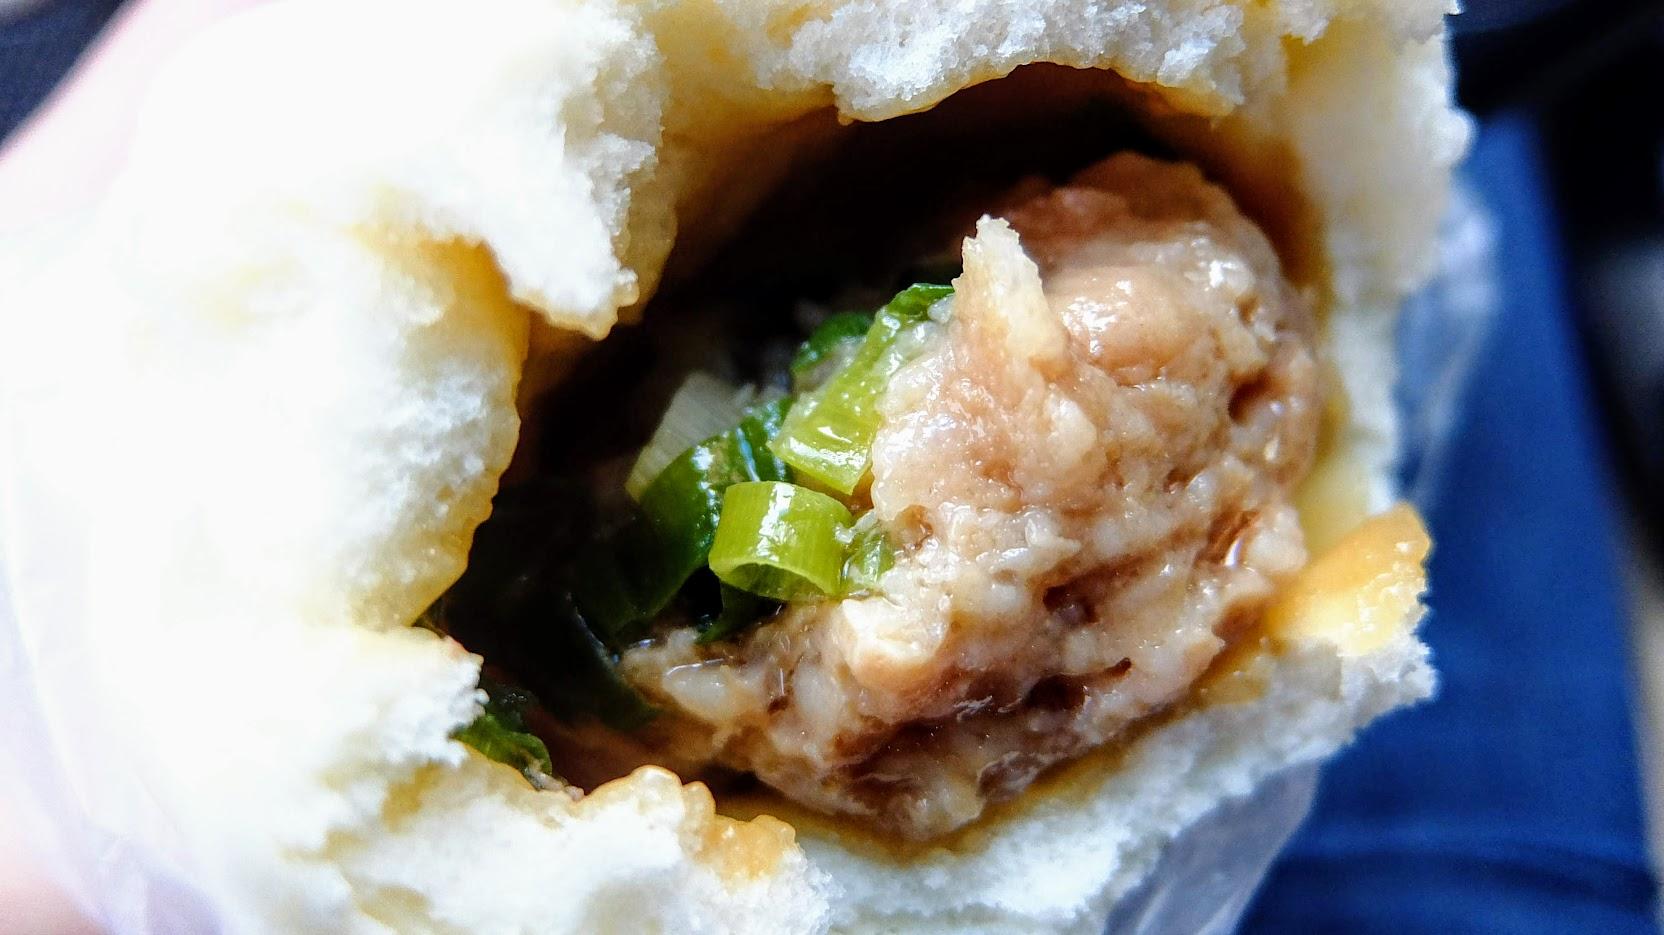 鮮肉包,中間有蔥花提味,有一些油,皮的部分很像老麵那種口感,頗Q,需要咬比較久,感覺咬久了會有一點甜味